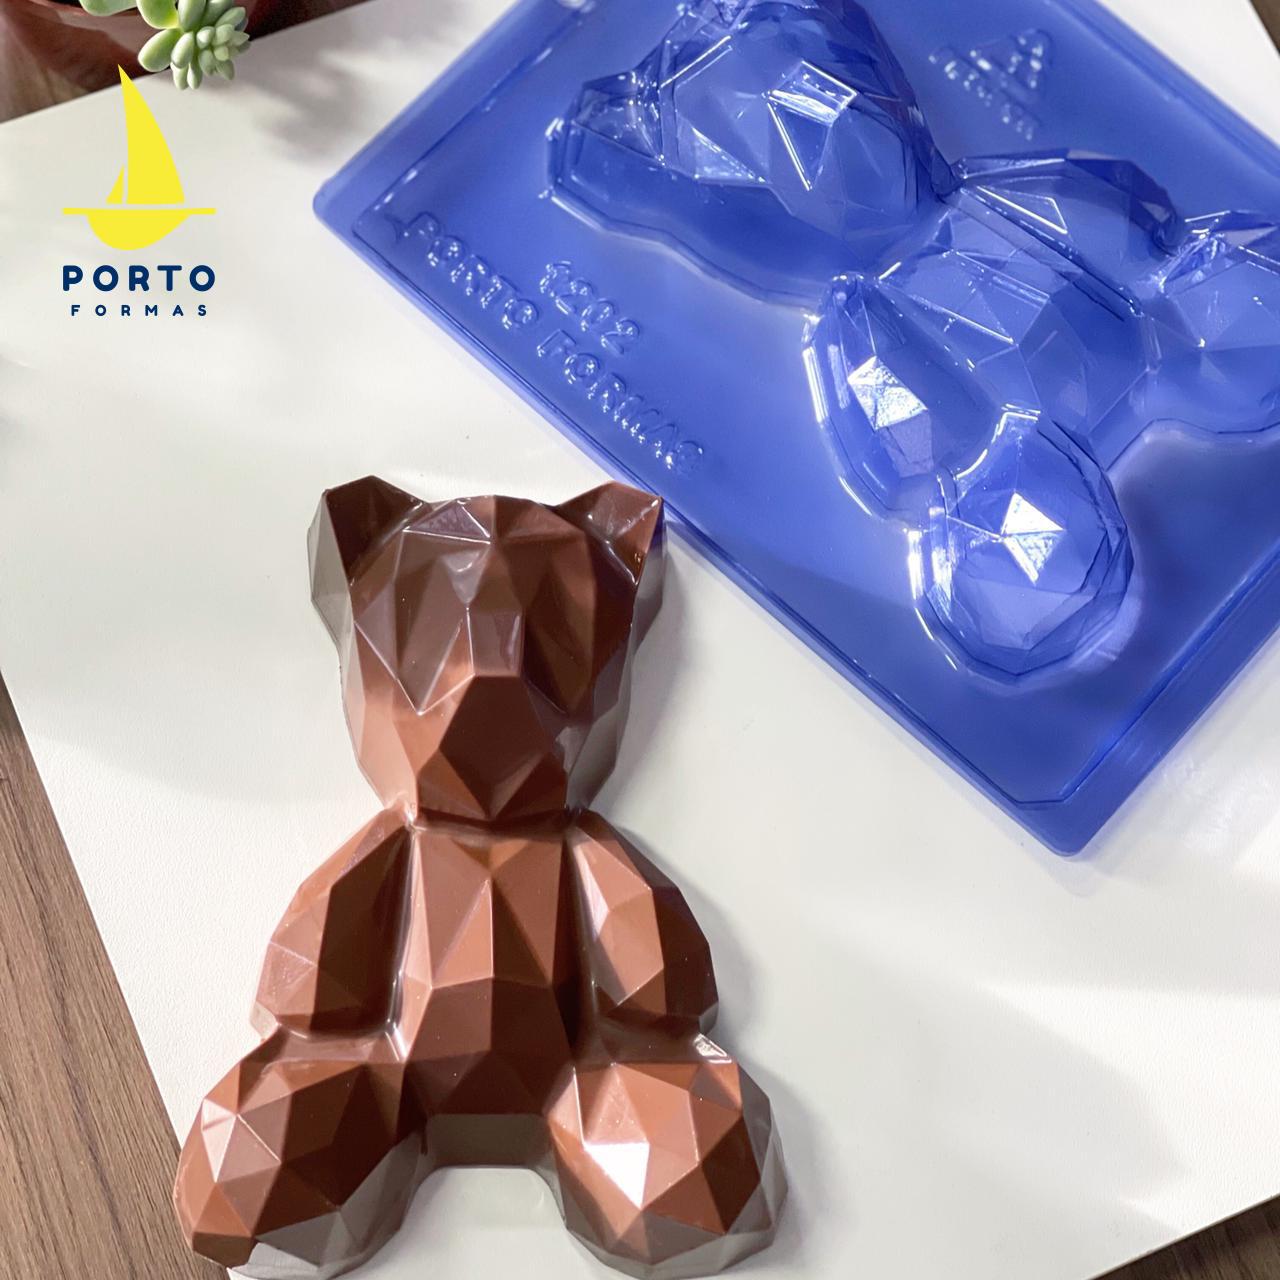 Imagen de producto: https://tienda.postreadiccion.com/img/articulos/secundarias14055-molde-1202-portoformas-oso-grande-geometrico-2.jpeg